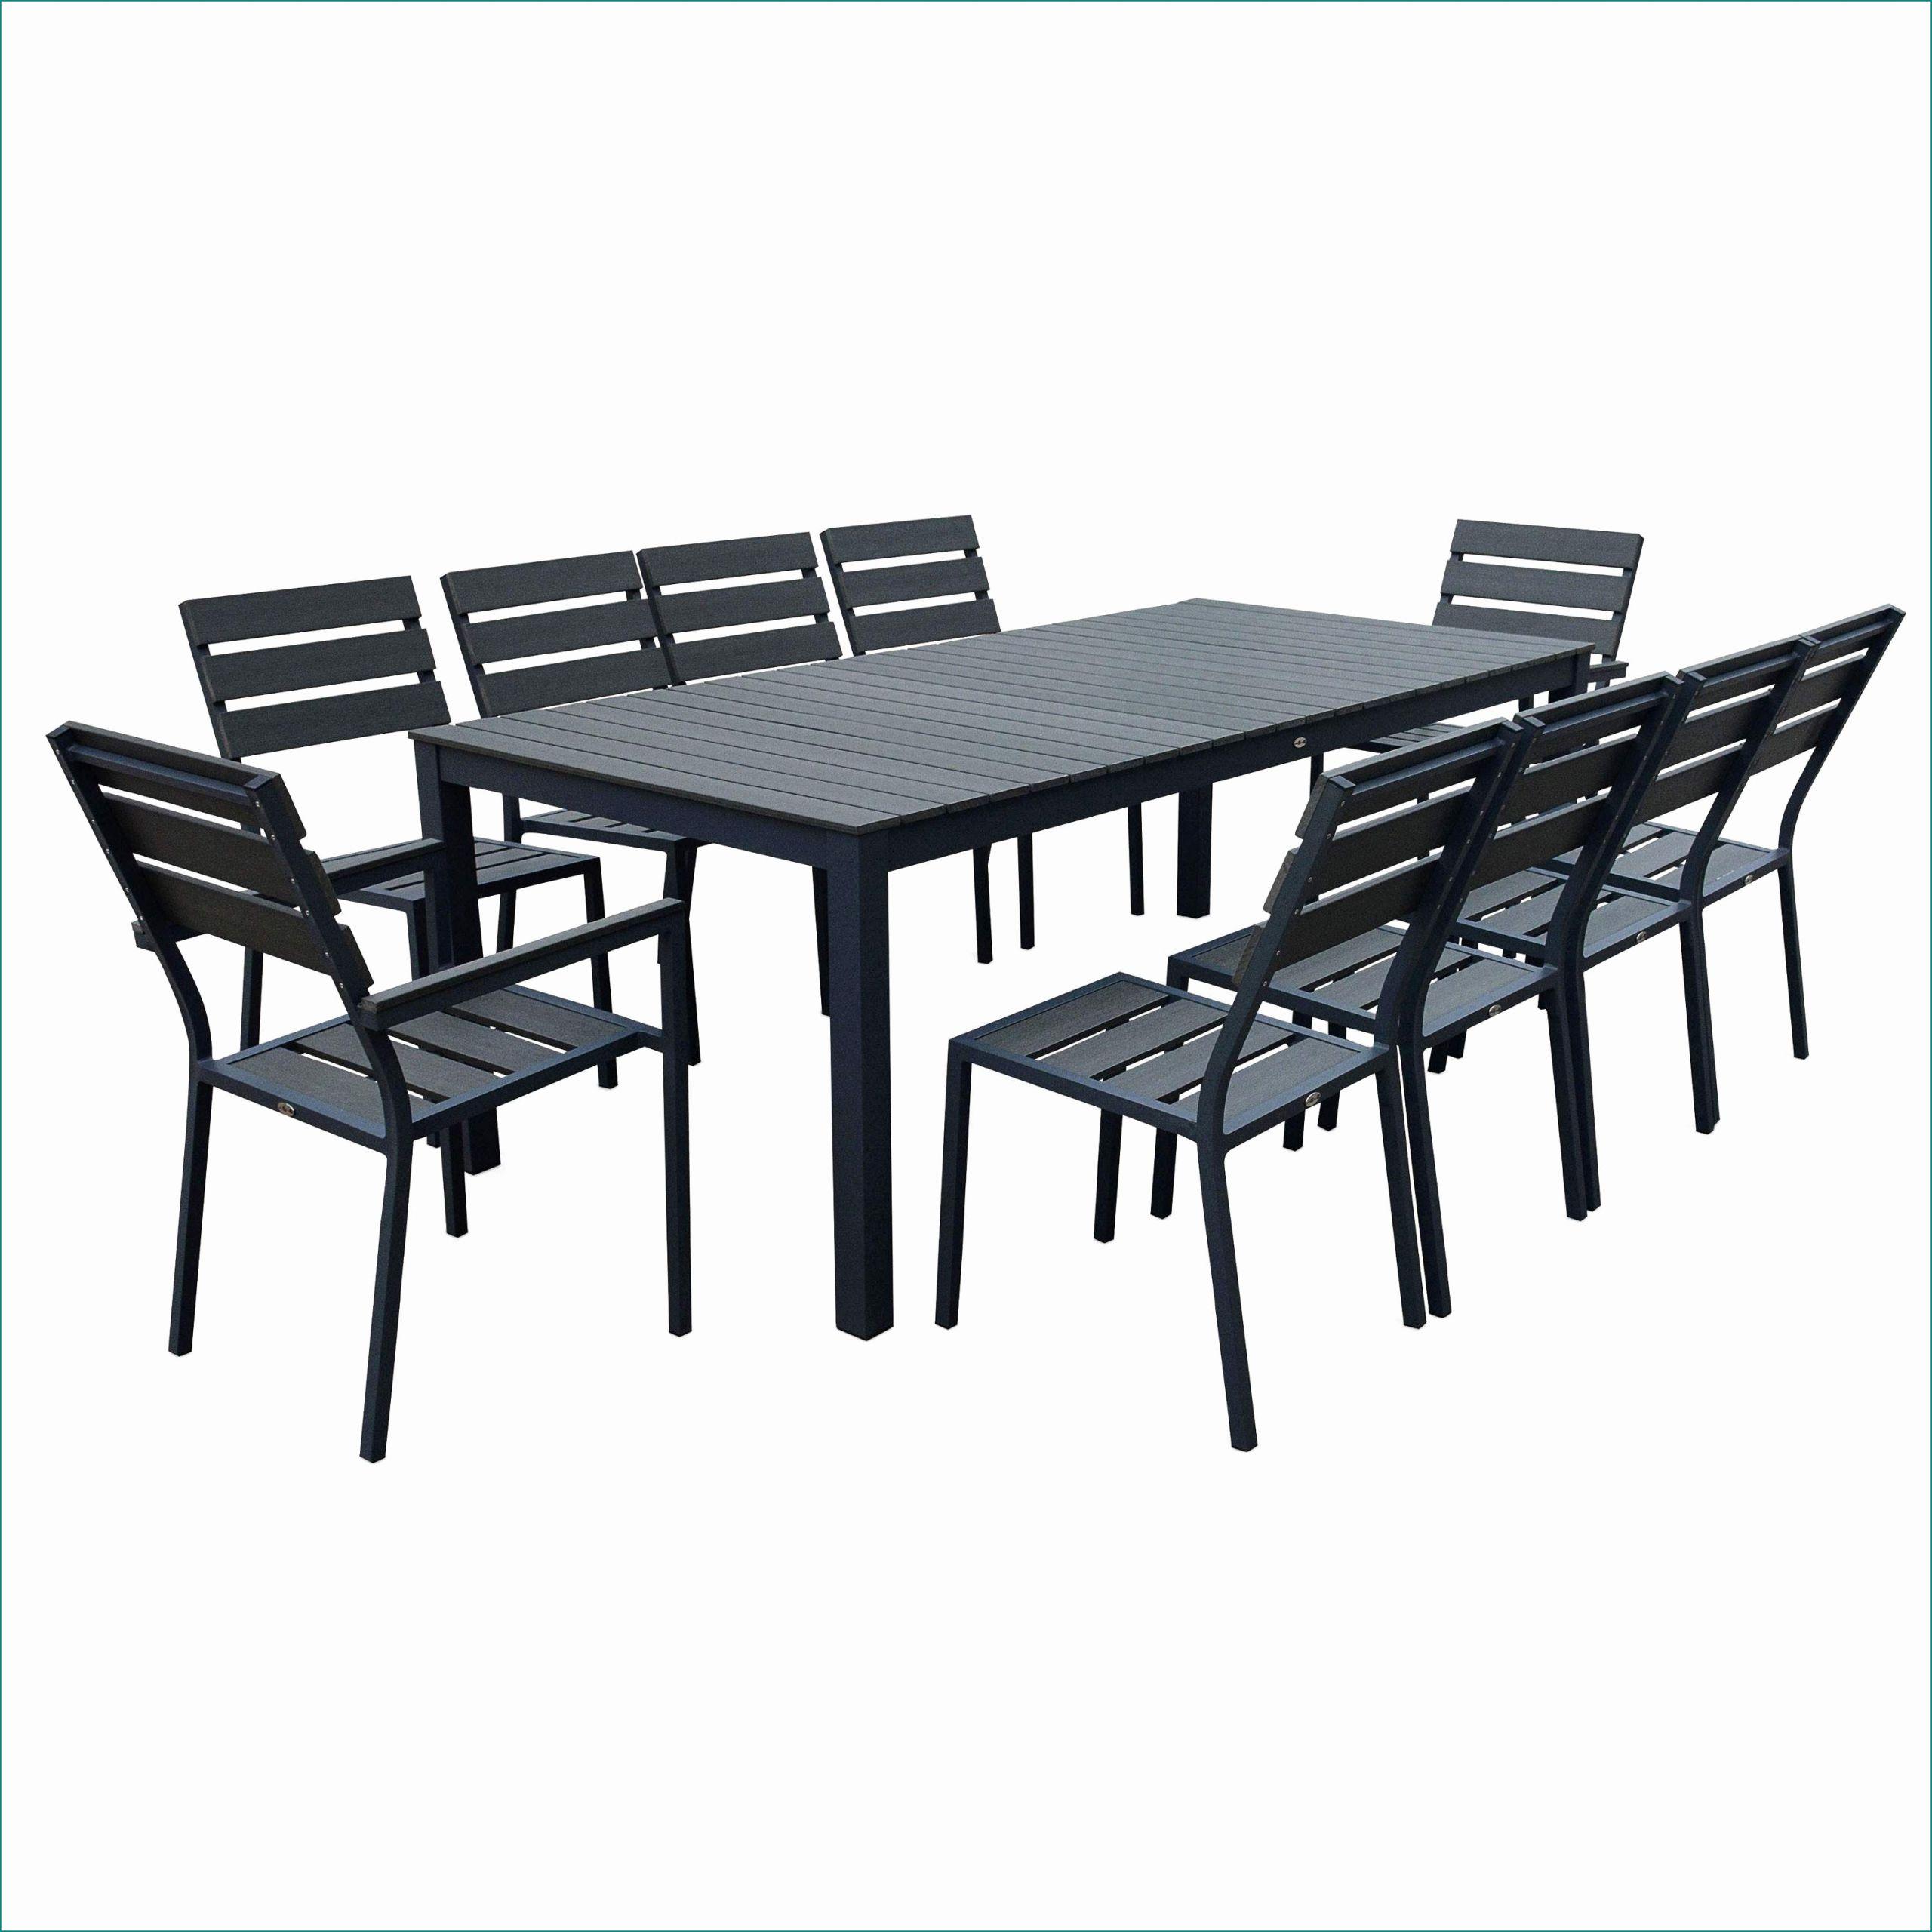 solde salon de jardin castorama inspire salon de jardin pas cher castorama simple table basse jardin of solde salon de jardin castorama